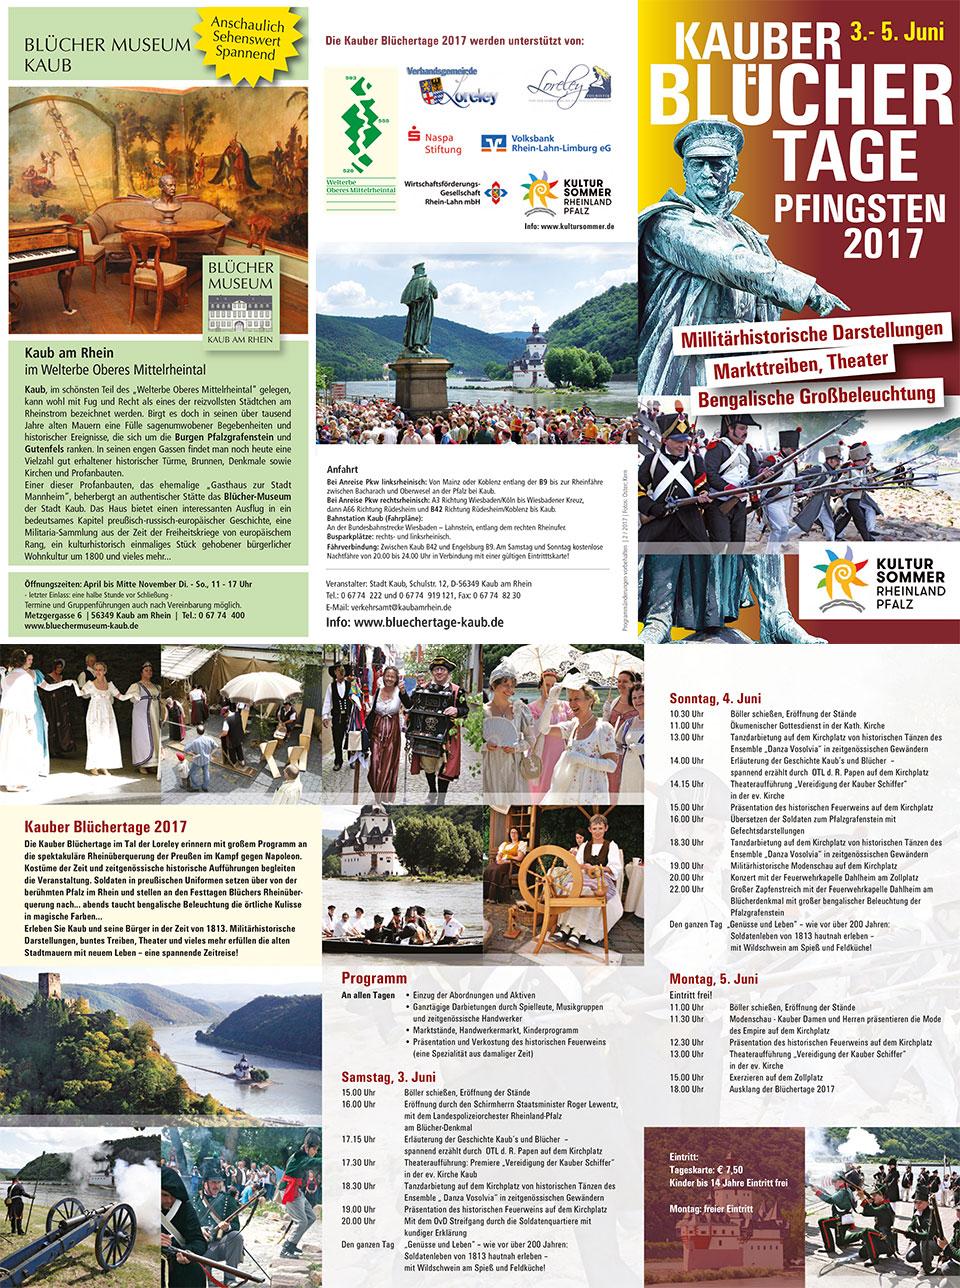 Programm Flyer Blüchertage 2017